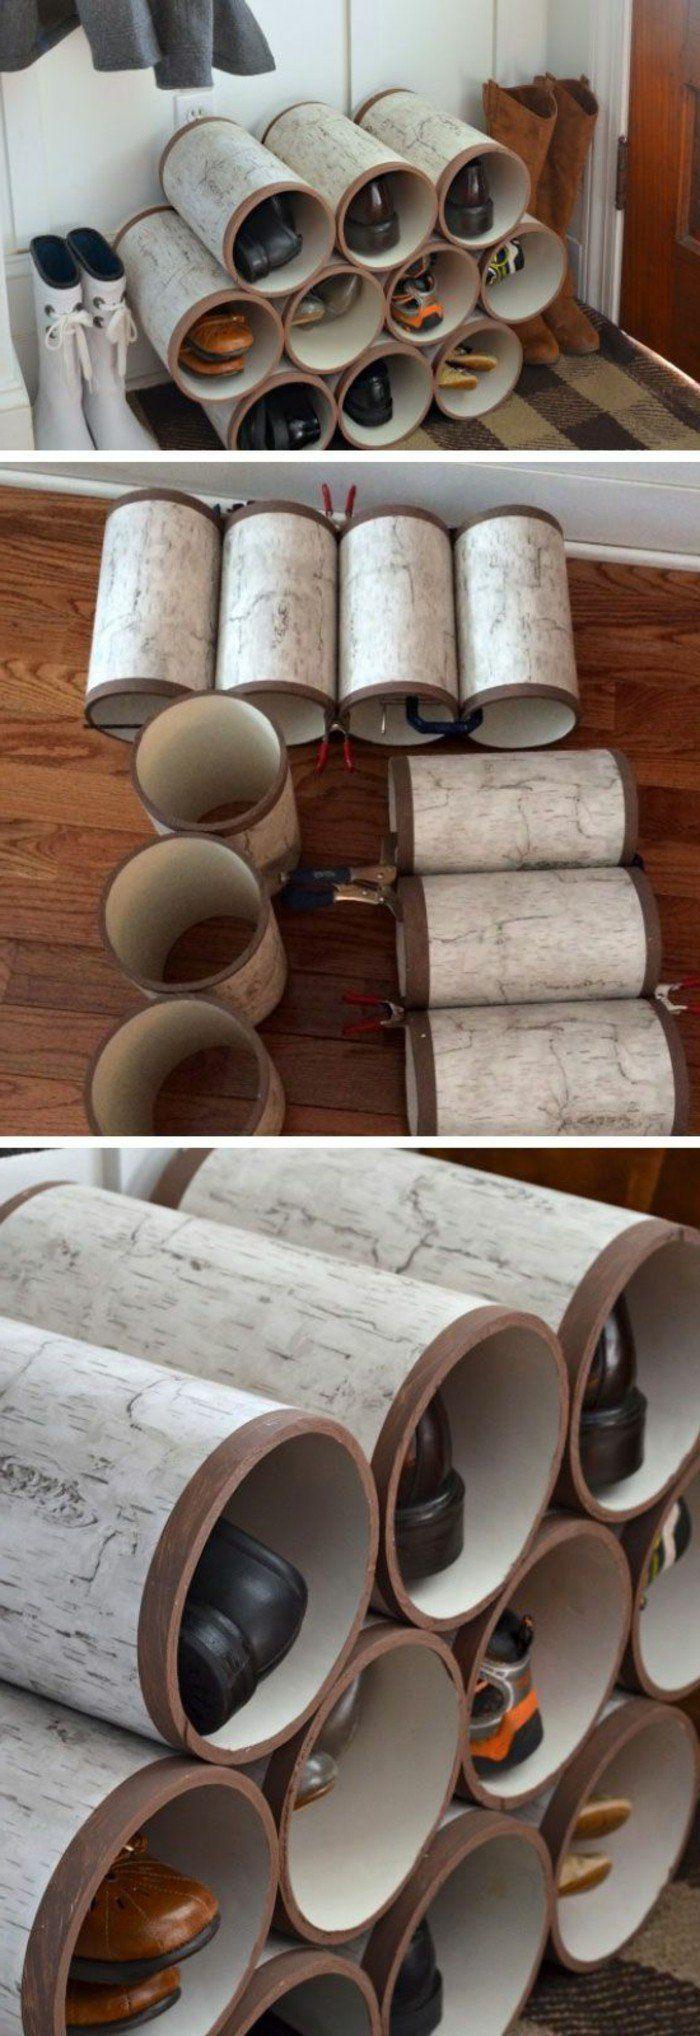 die 25 besten ideen zu schuhschrank selber bauen auf pinterest selber bauen schuhschrank. Black Bedroom Furniture Sets. Home Design Ideas